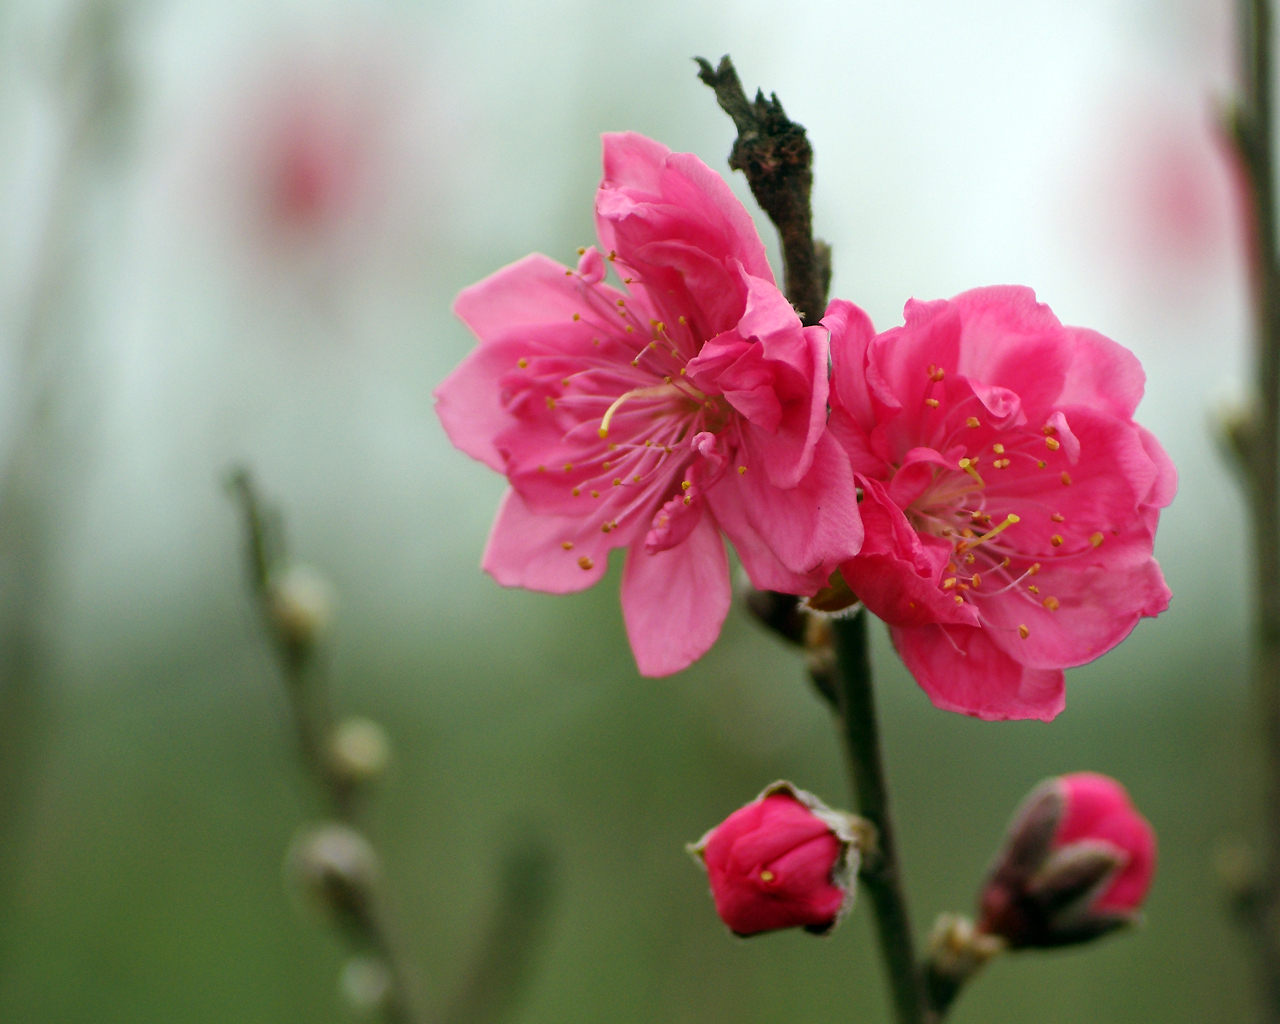 Hình ảnh Đào đẹp trong vườn